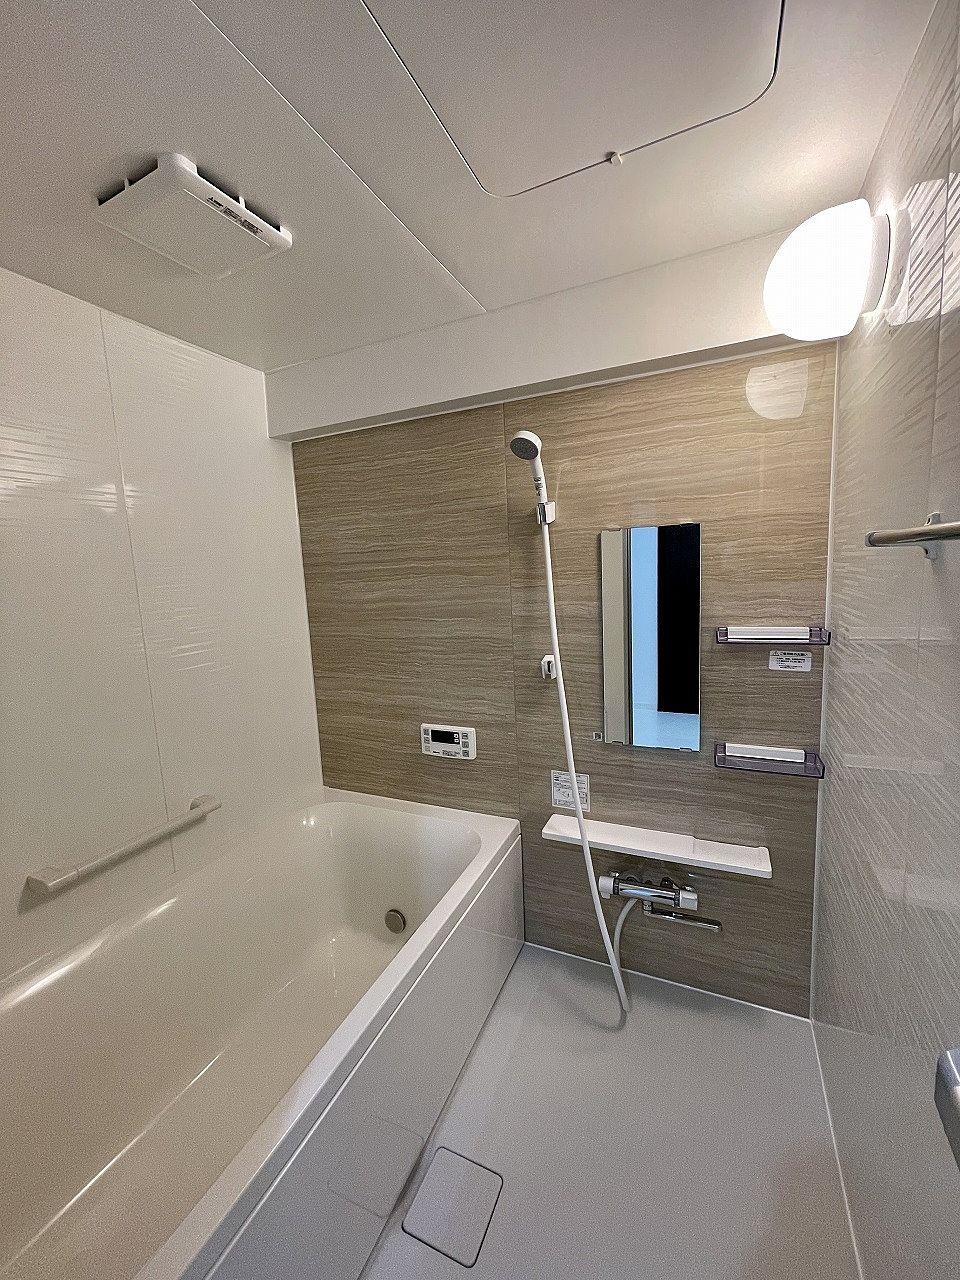 シャワーヘッド・鏡・タオル掛け